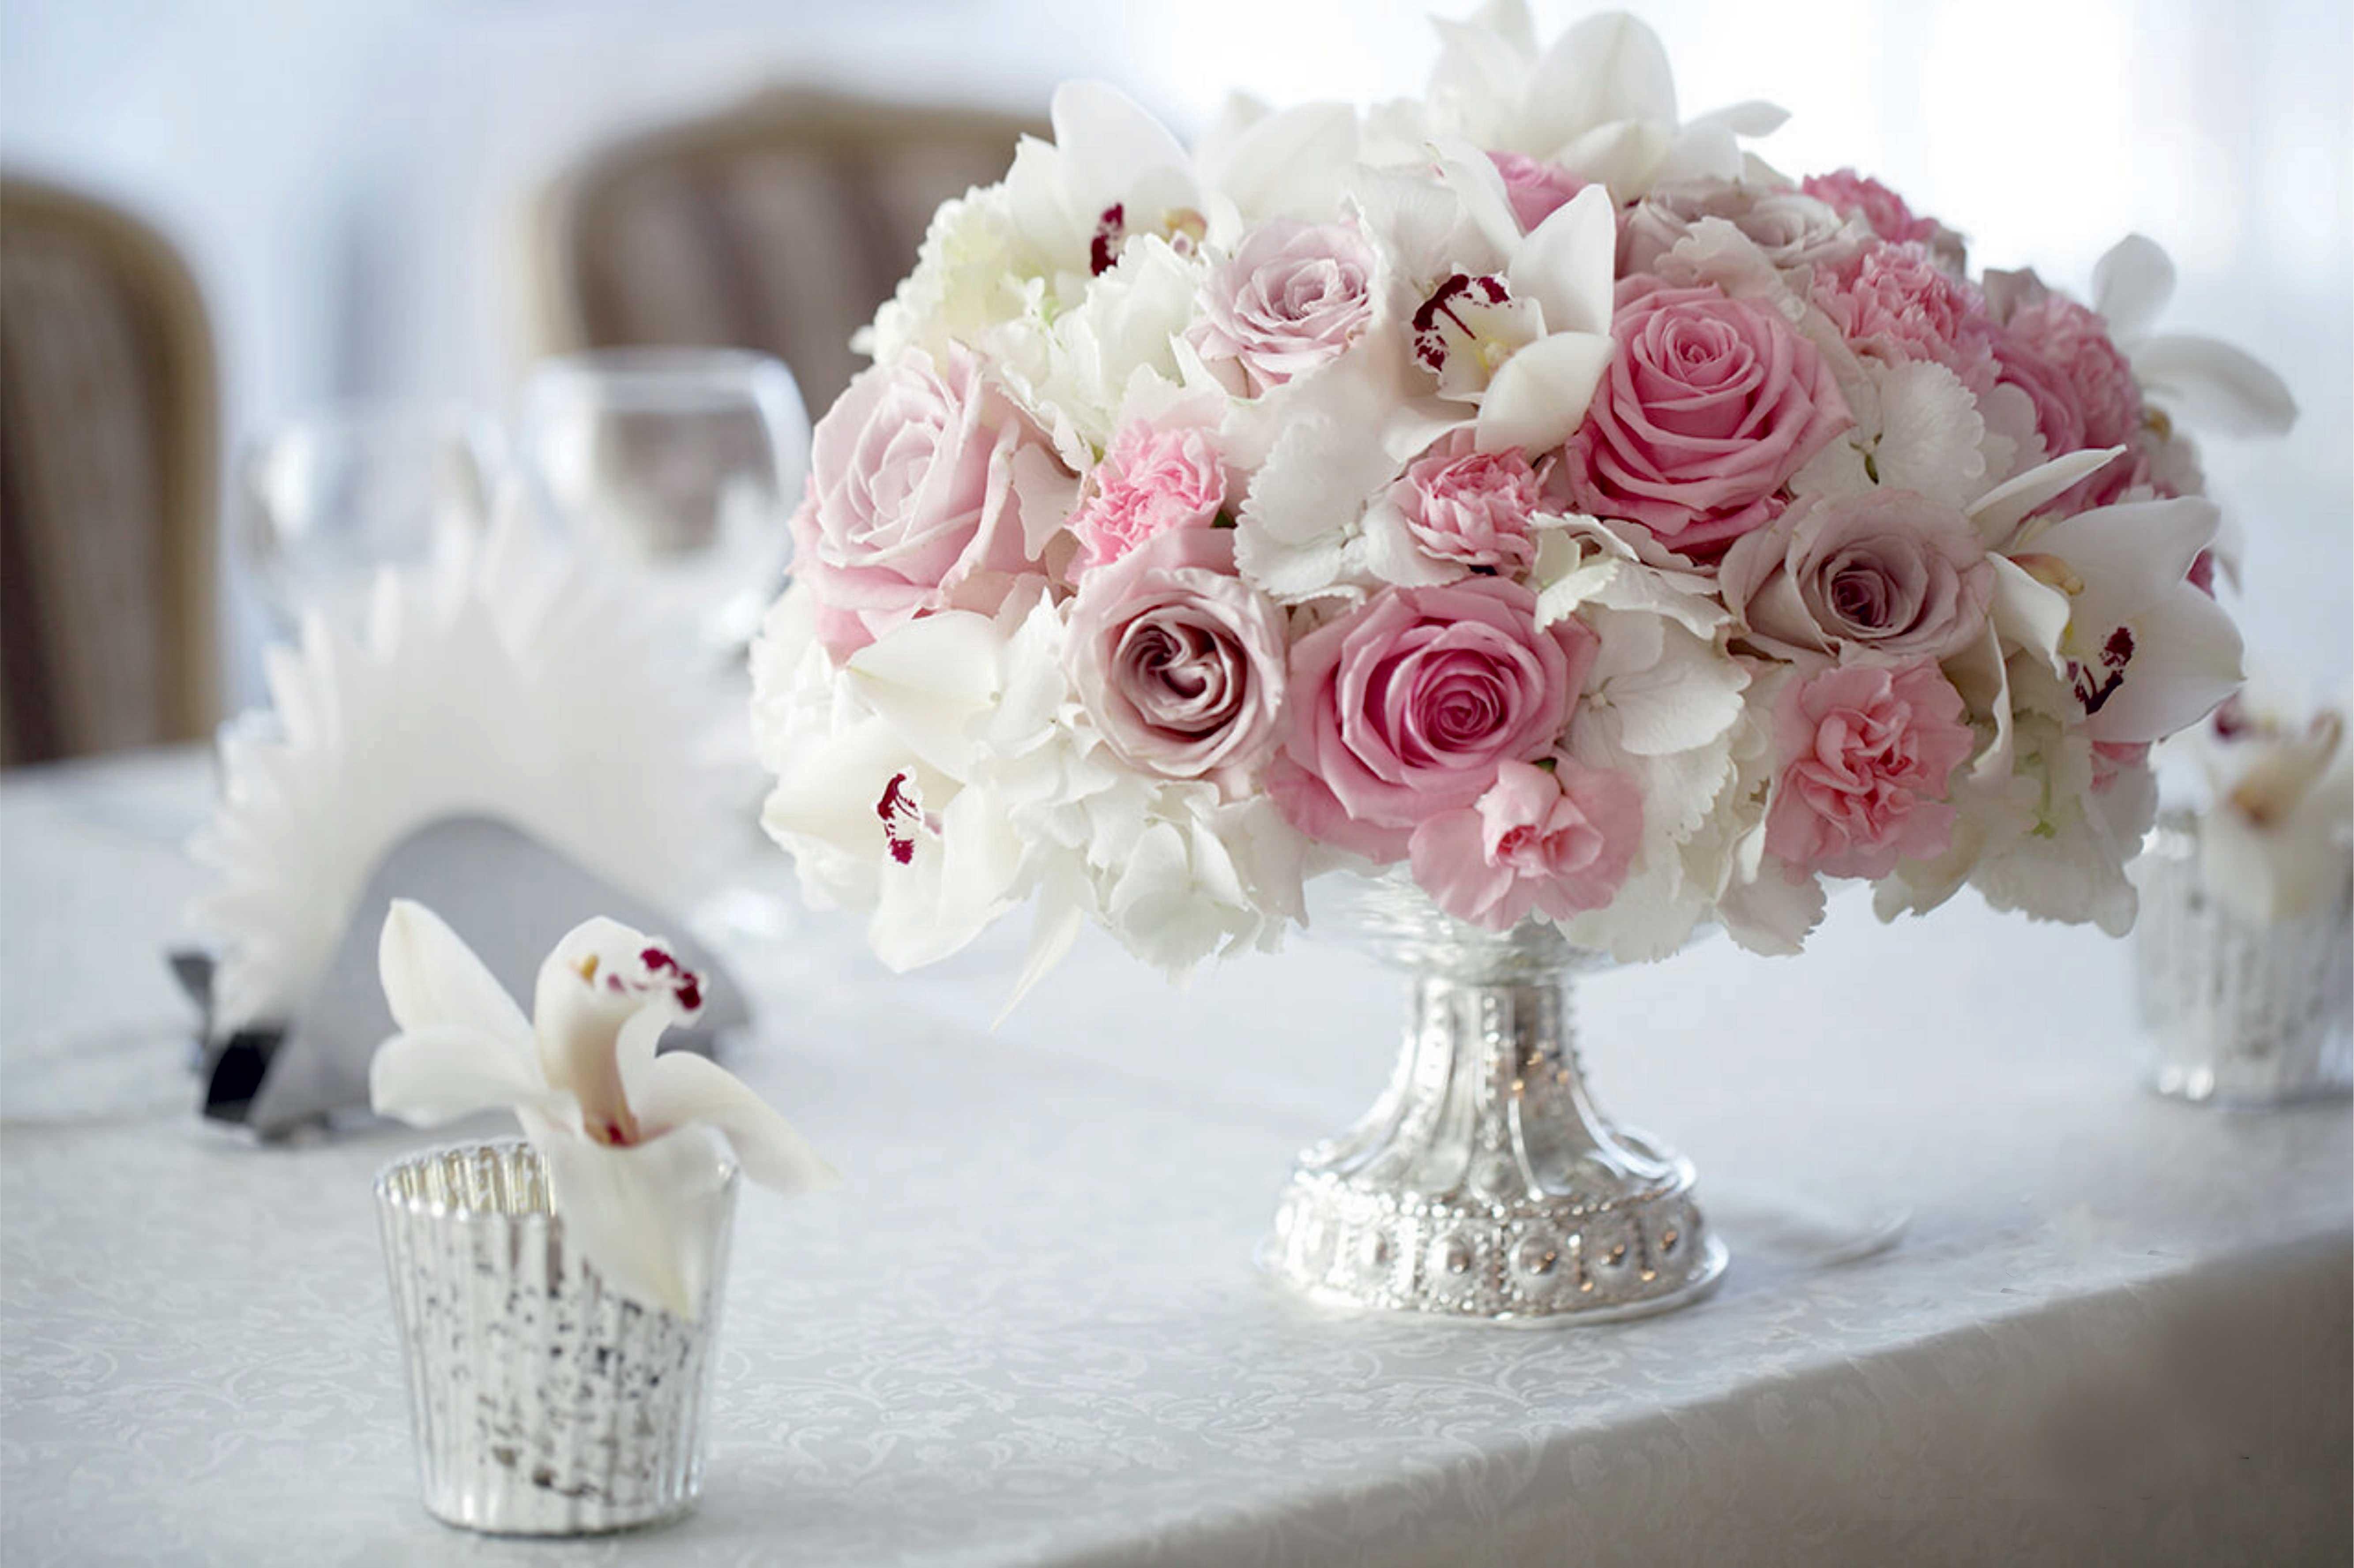 bouquet-de-fleurs-roses-et-blanches